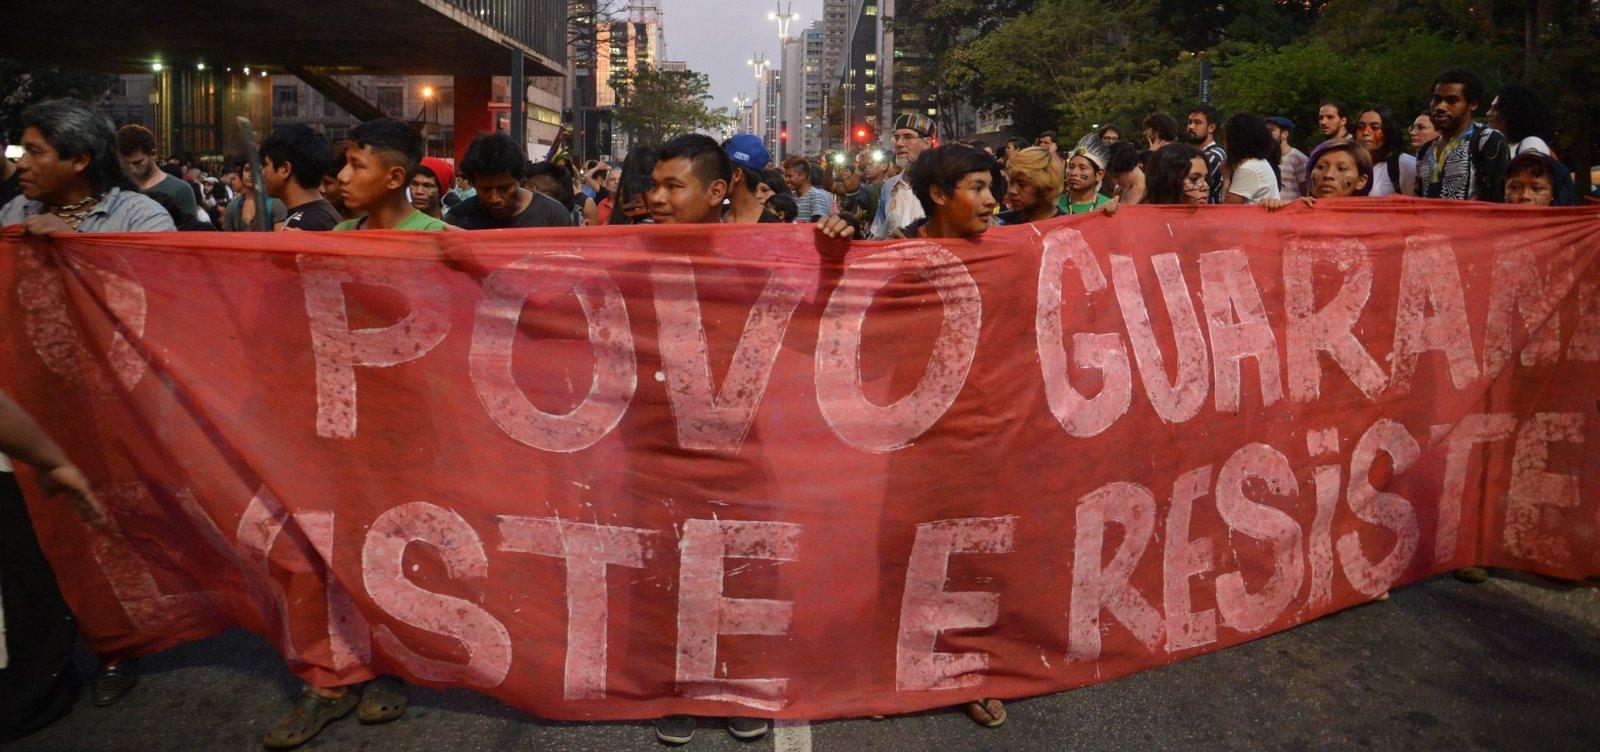 Entidade denuncia Brasil na ONU por 'risco de genocídio' de povos indígenas